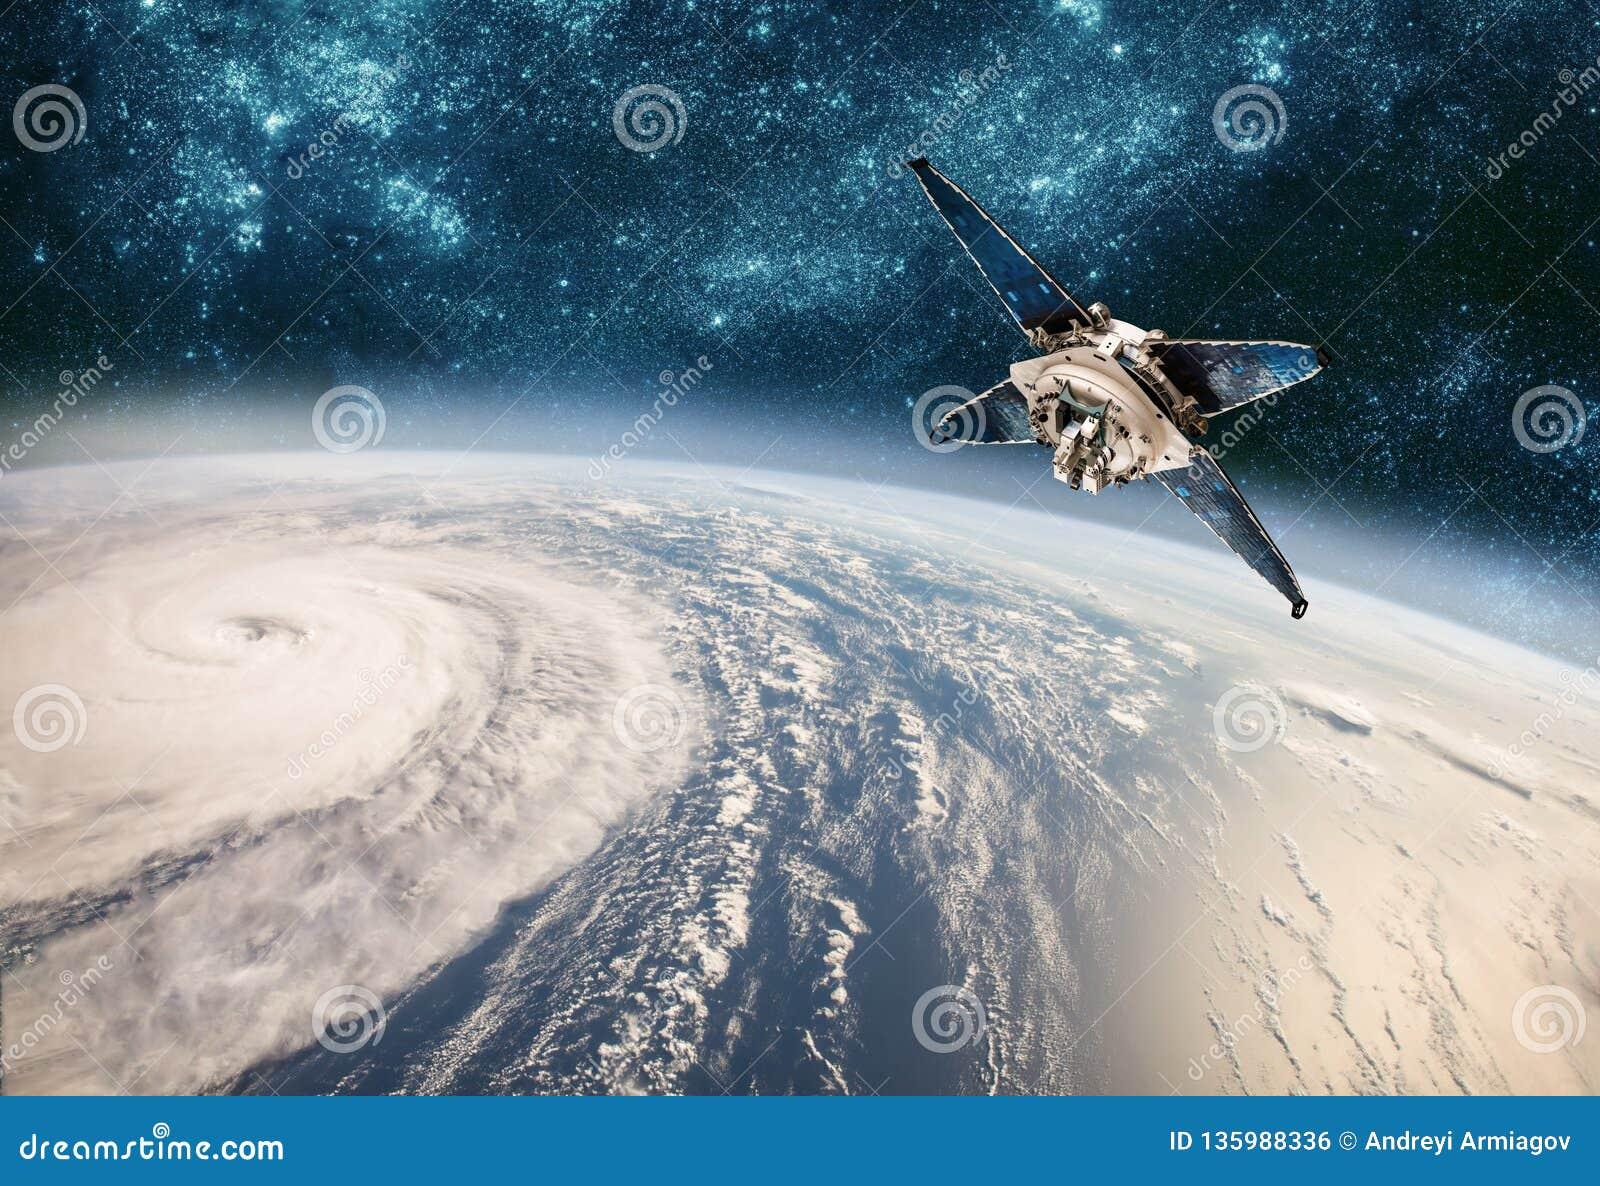 Raumsatellitenüberwachung vom Umlaufbahn der Erde-Wetter vom Raum, Hurrikan, Taifun auf Planetenerde